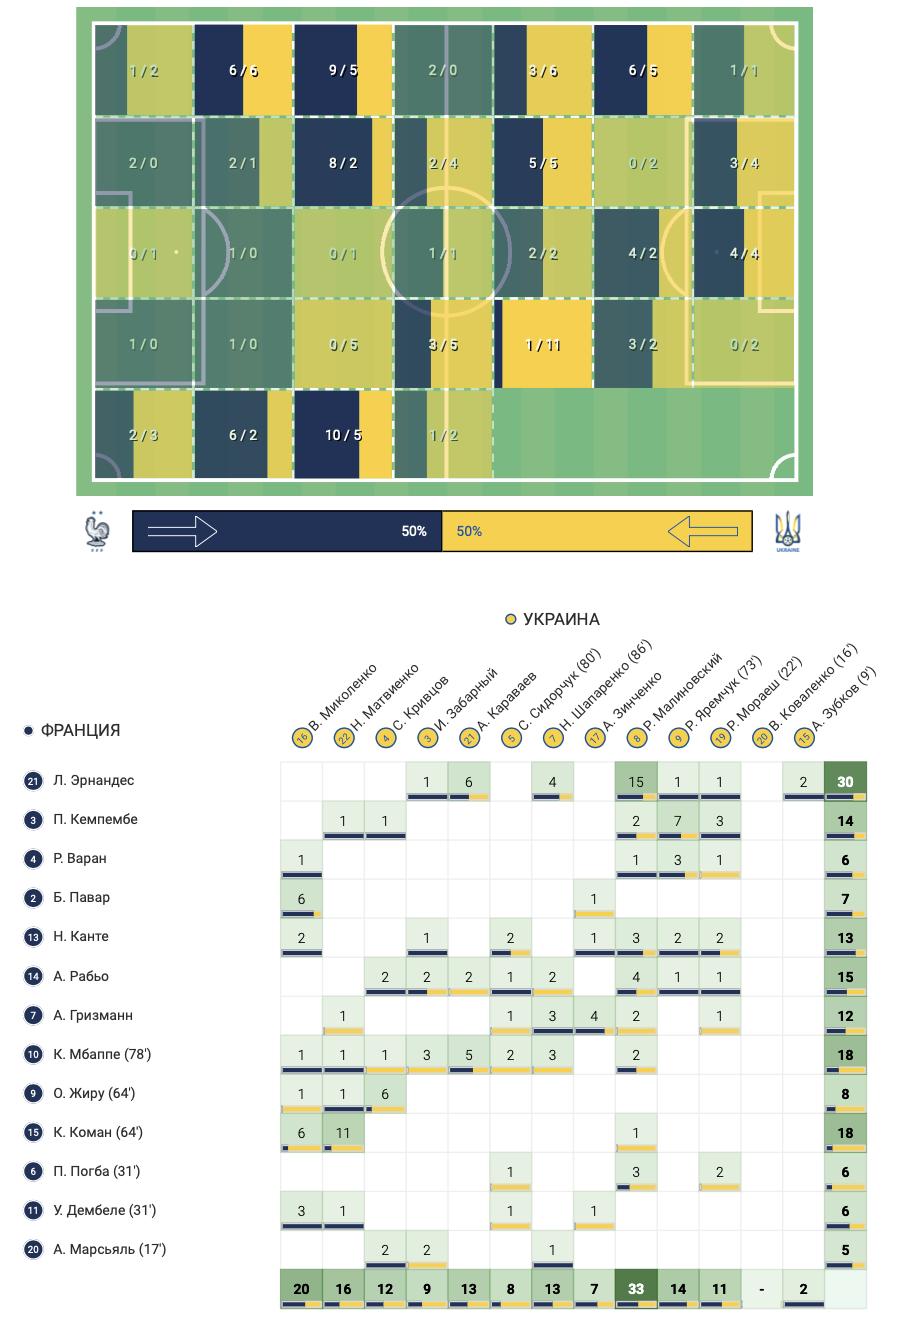 Франция - Украина в цифрах WyScout: сюрприз Шевченко, плотная оборона и голы в стиле FIFA 21 - изображение 14